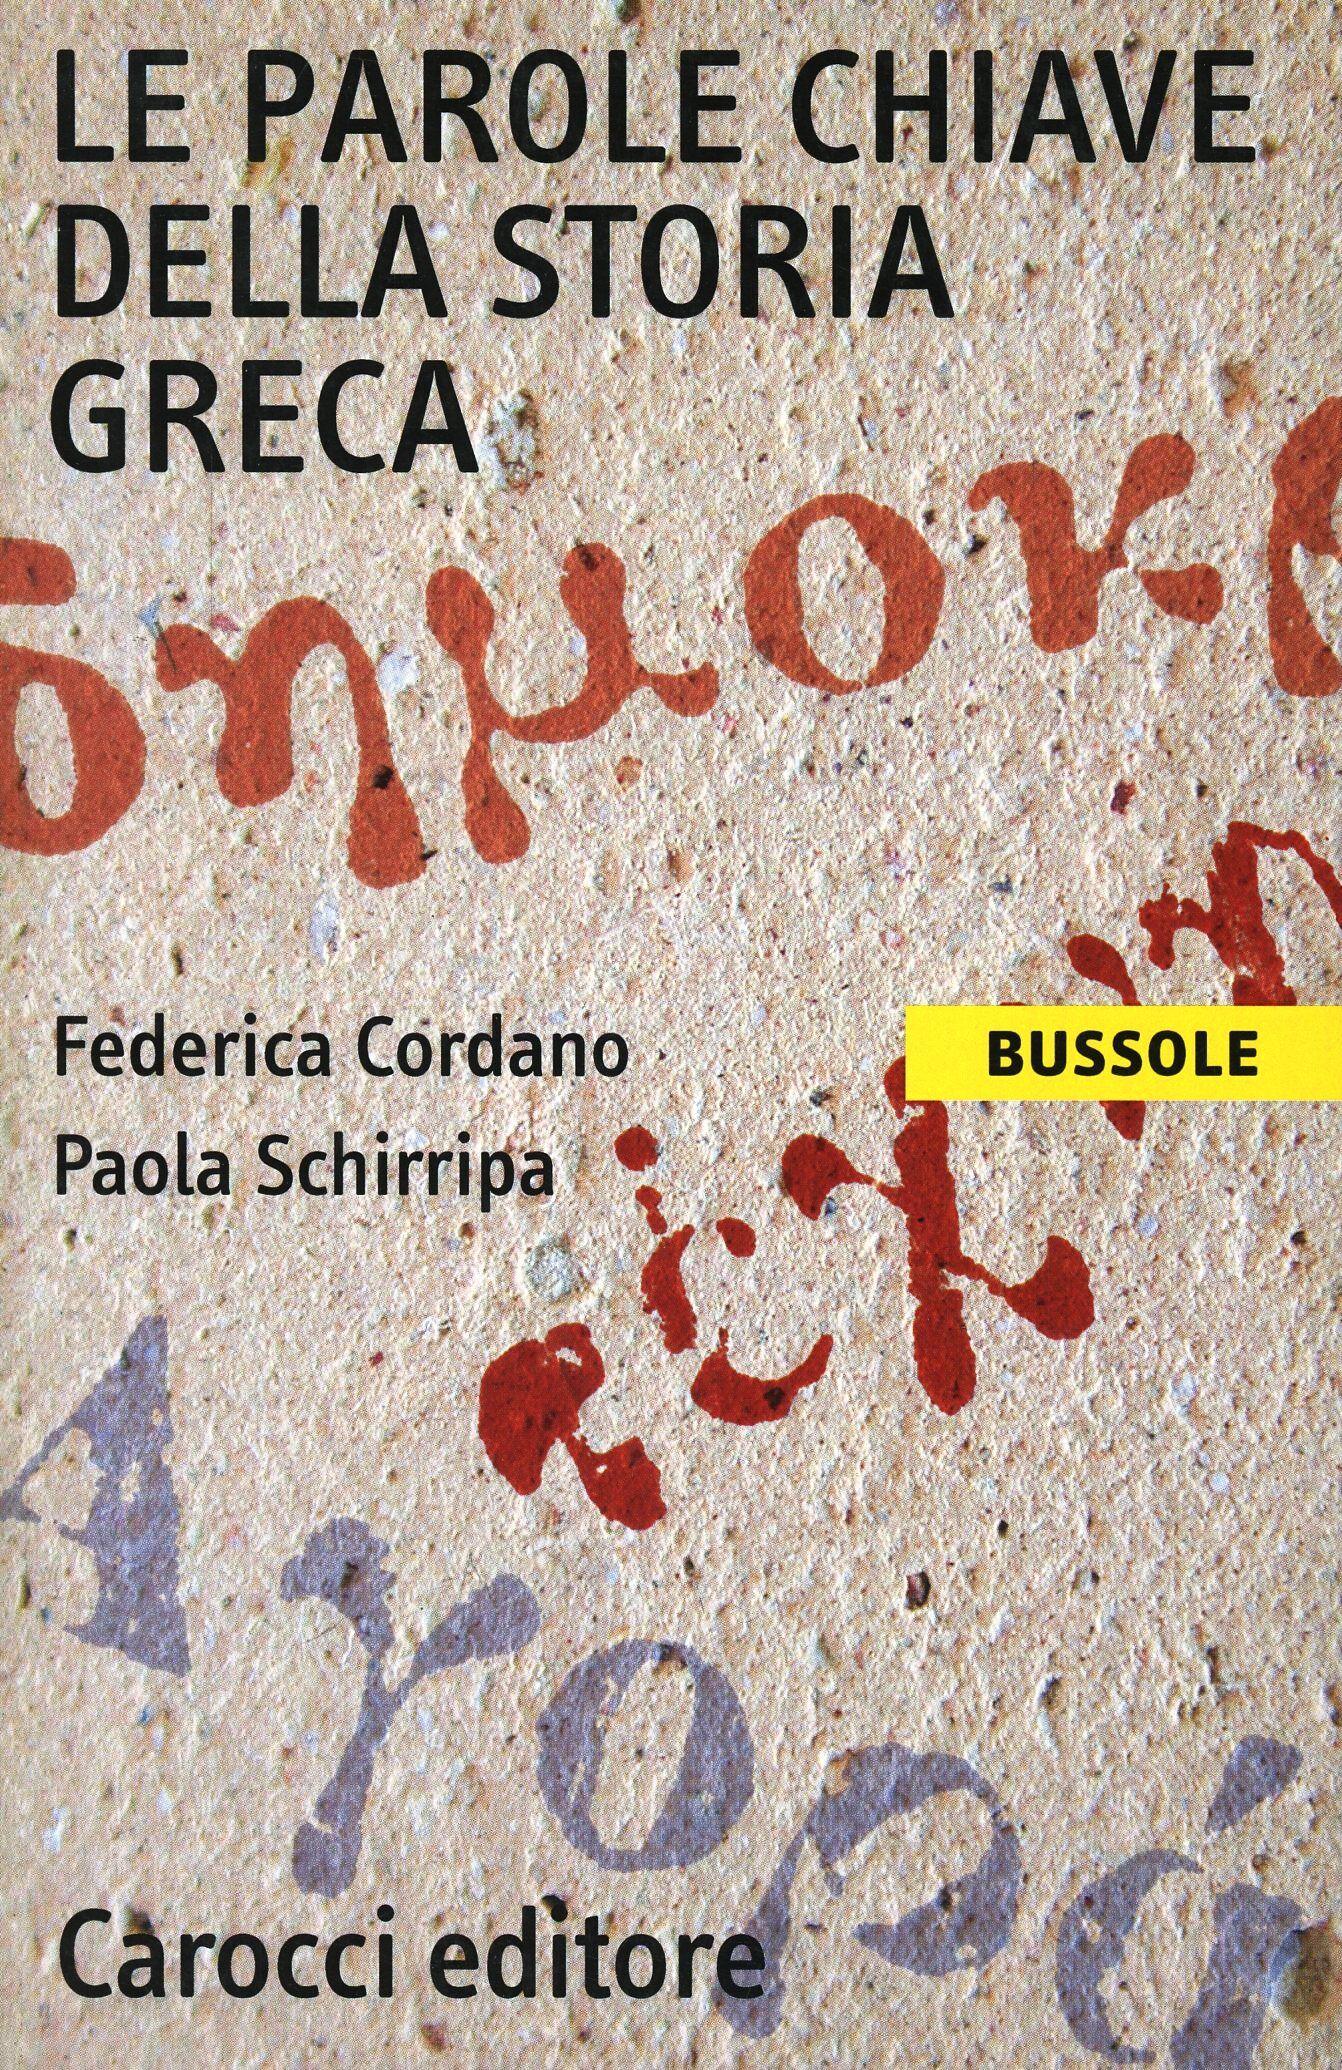 Le parole chiave della storia greca